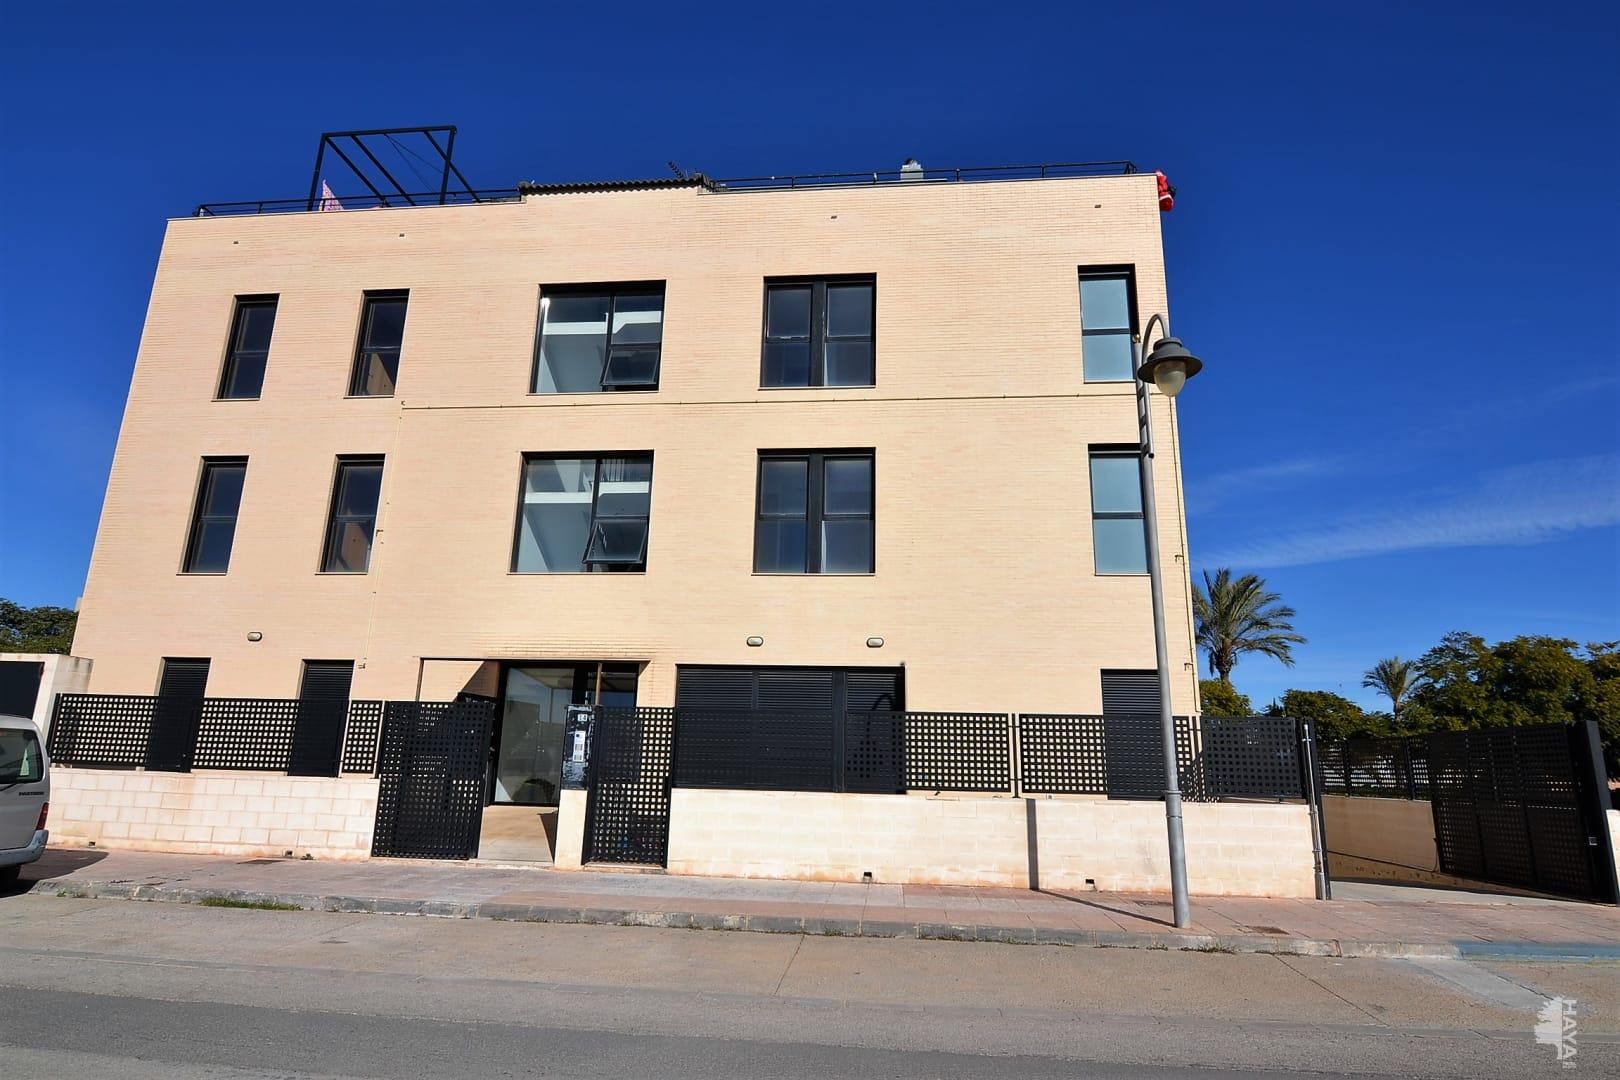 Piso en venta en Museros, Museros, Valencia, Avenida Senyera, 113.000 €, 2 habitaciones, 2 baños, 76 m2